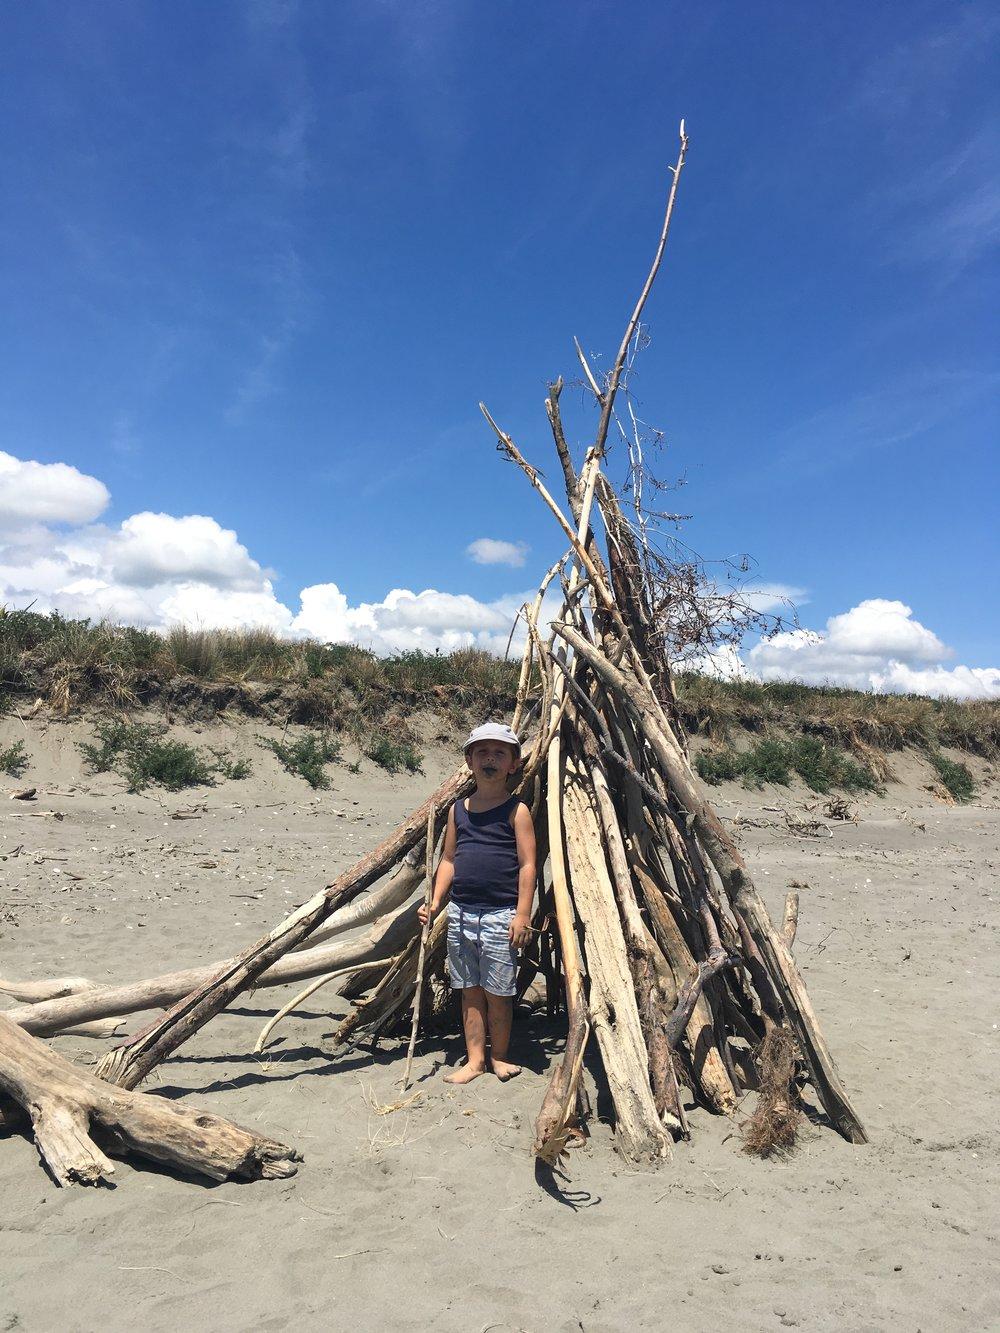 Encontramos esta carpa de palos en la playa. Salieron corriendo a jugar a los indios y ninjas.